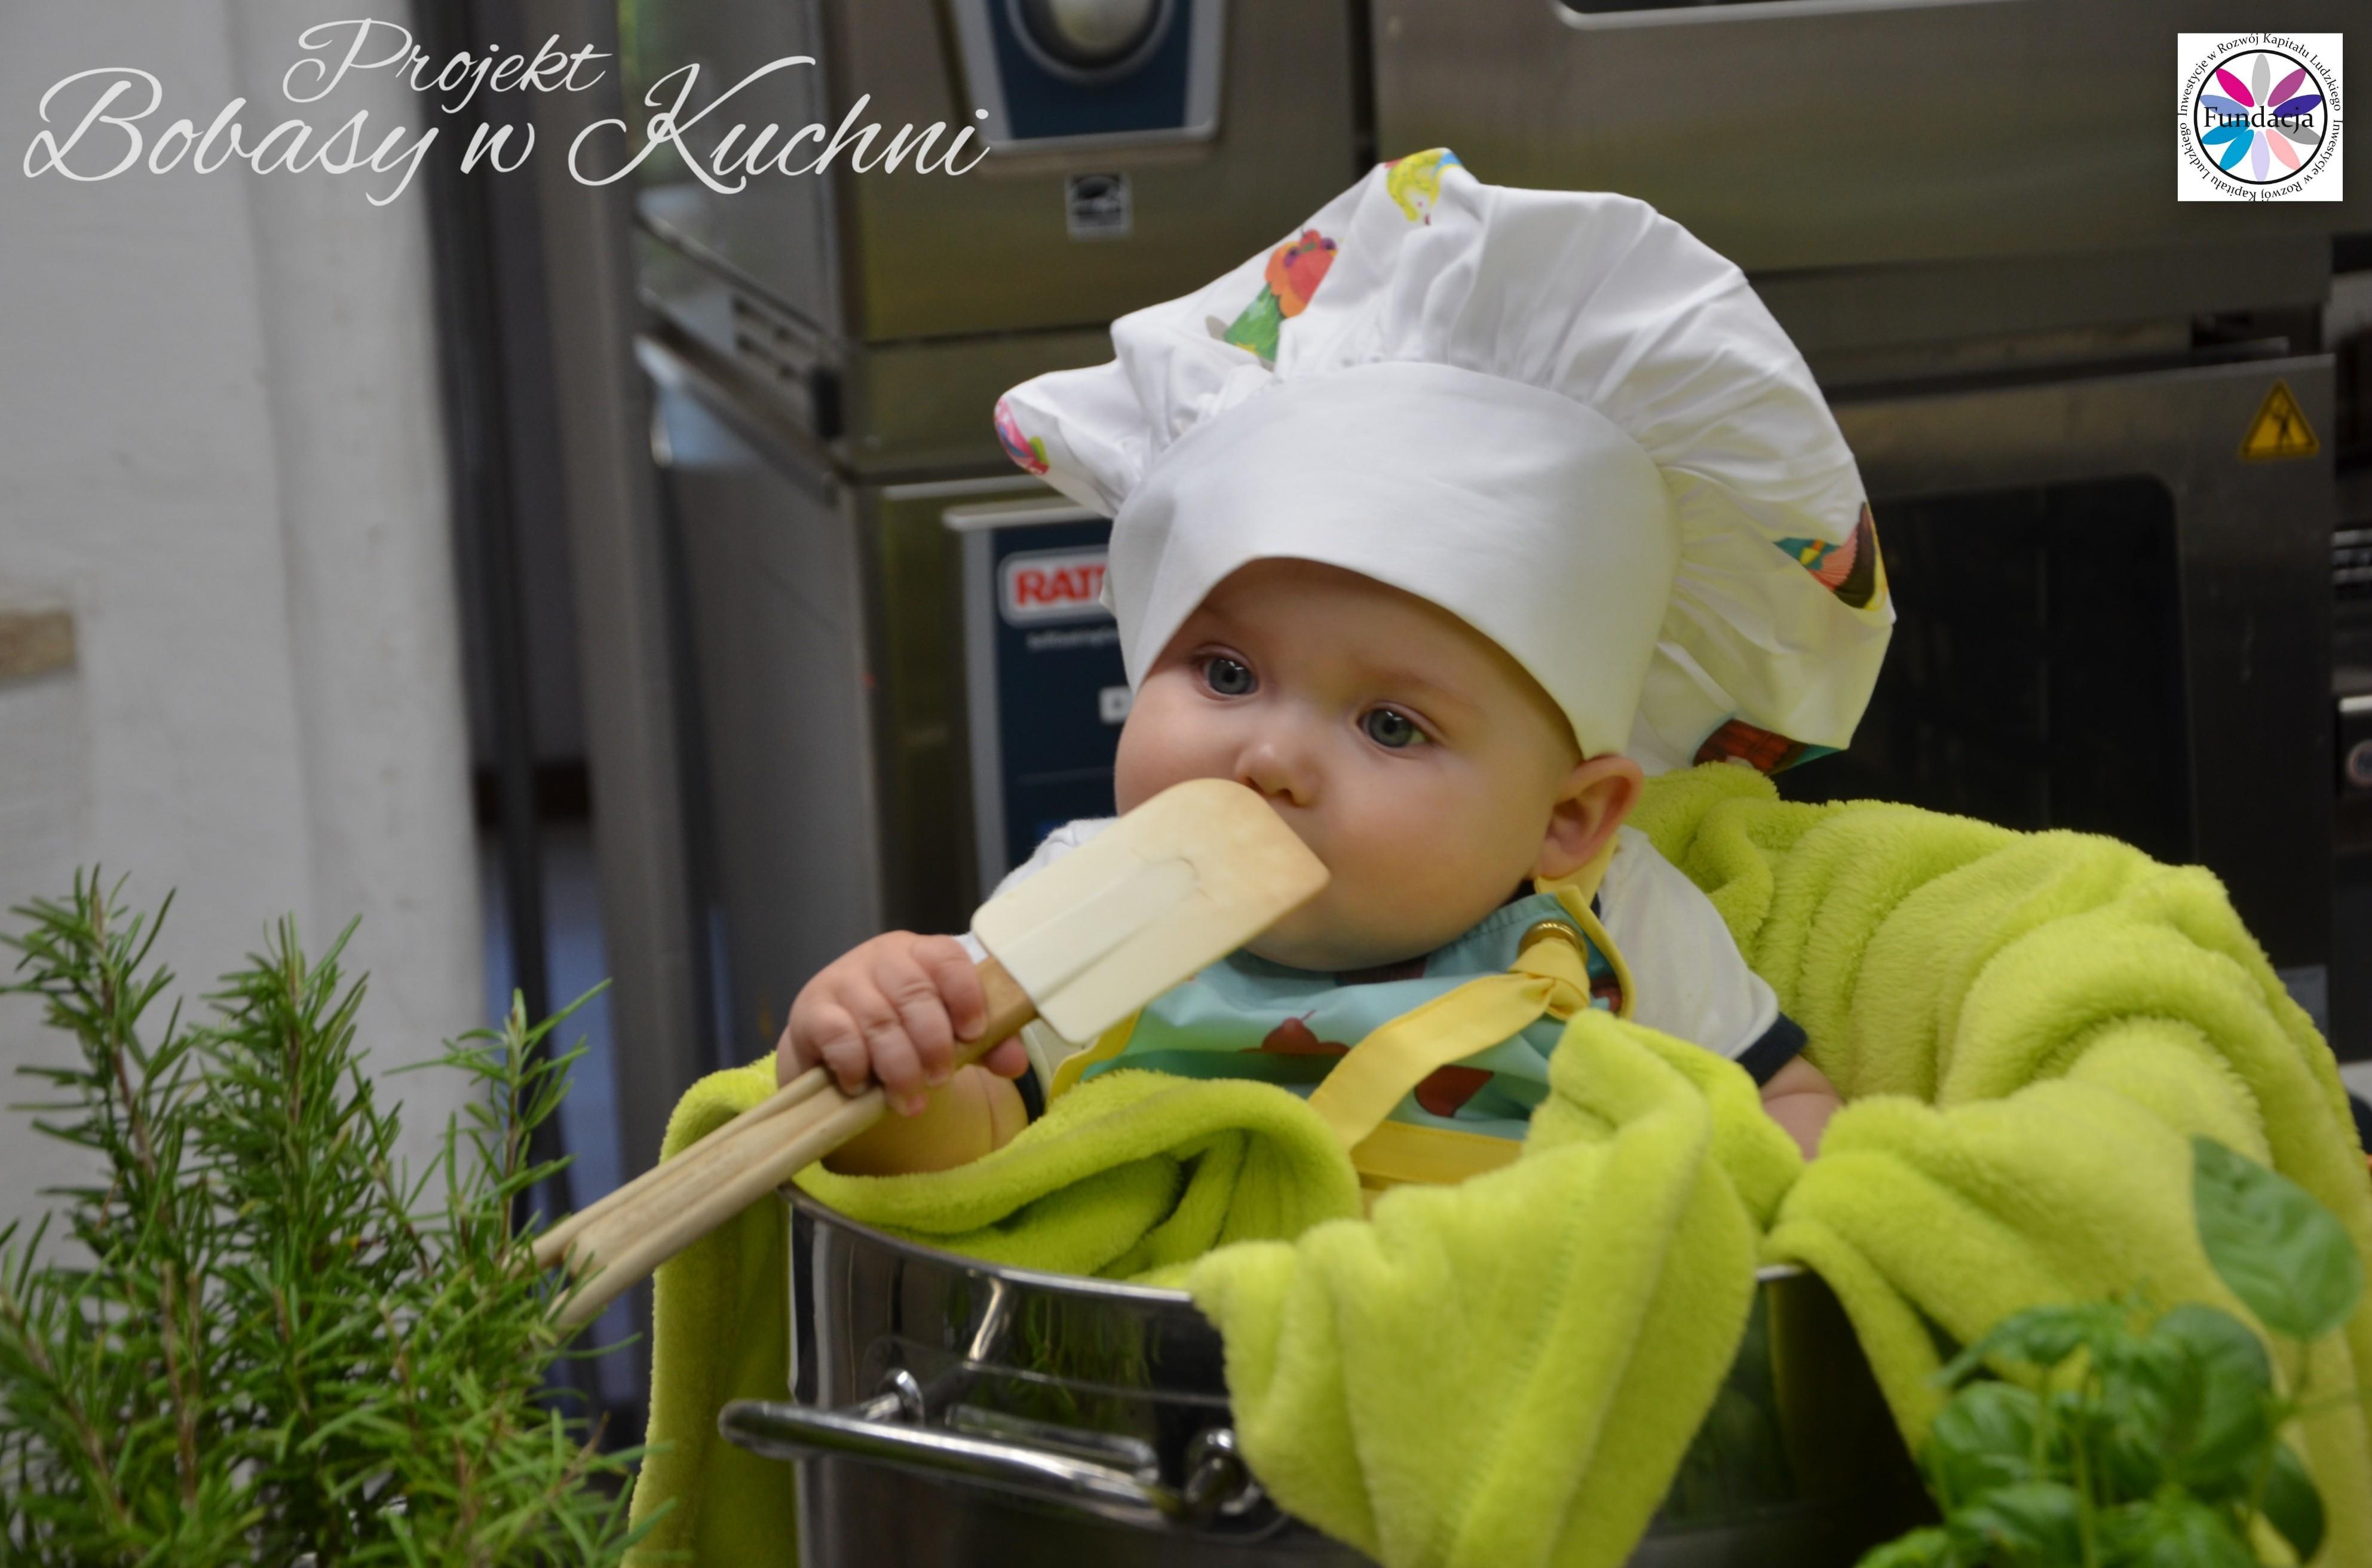 Wiktoria Olczak z Olkiem z projektu Bobasy w Kuchni sesja11